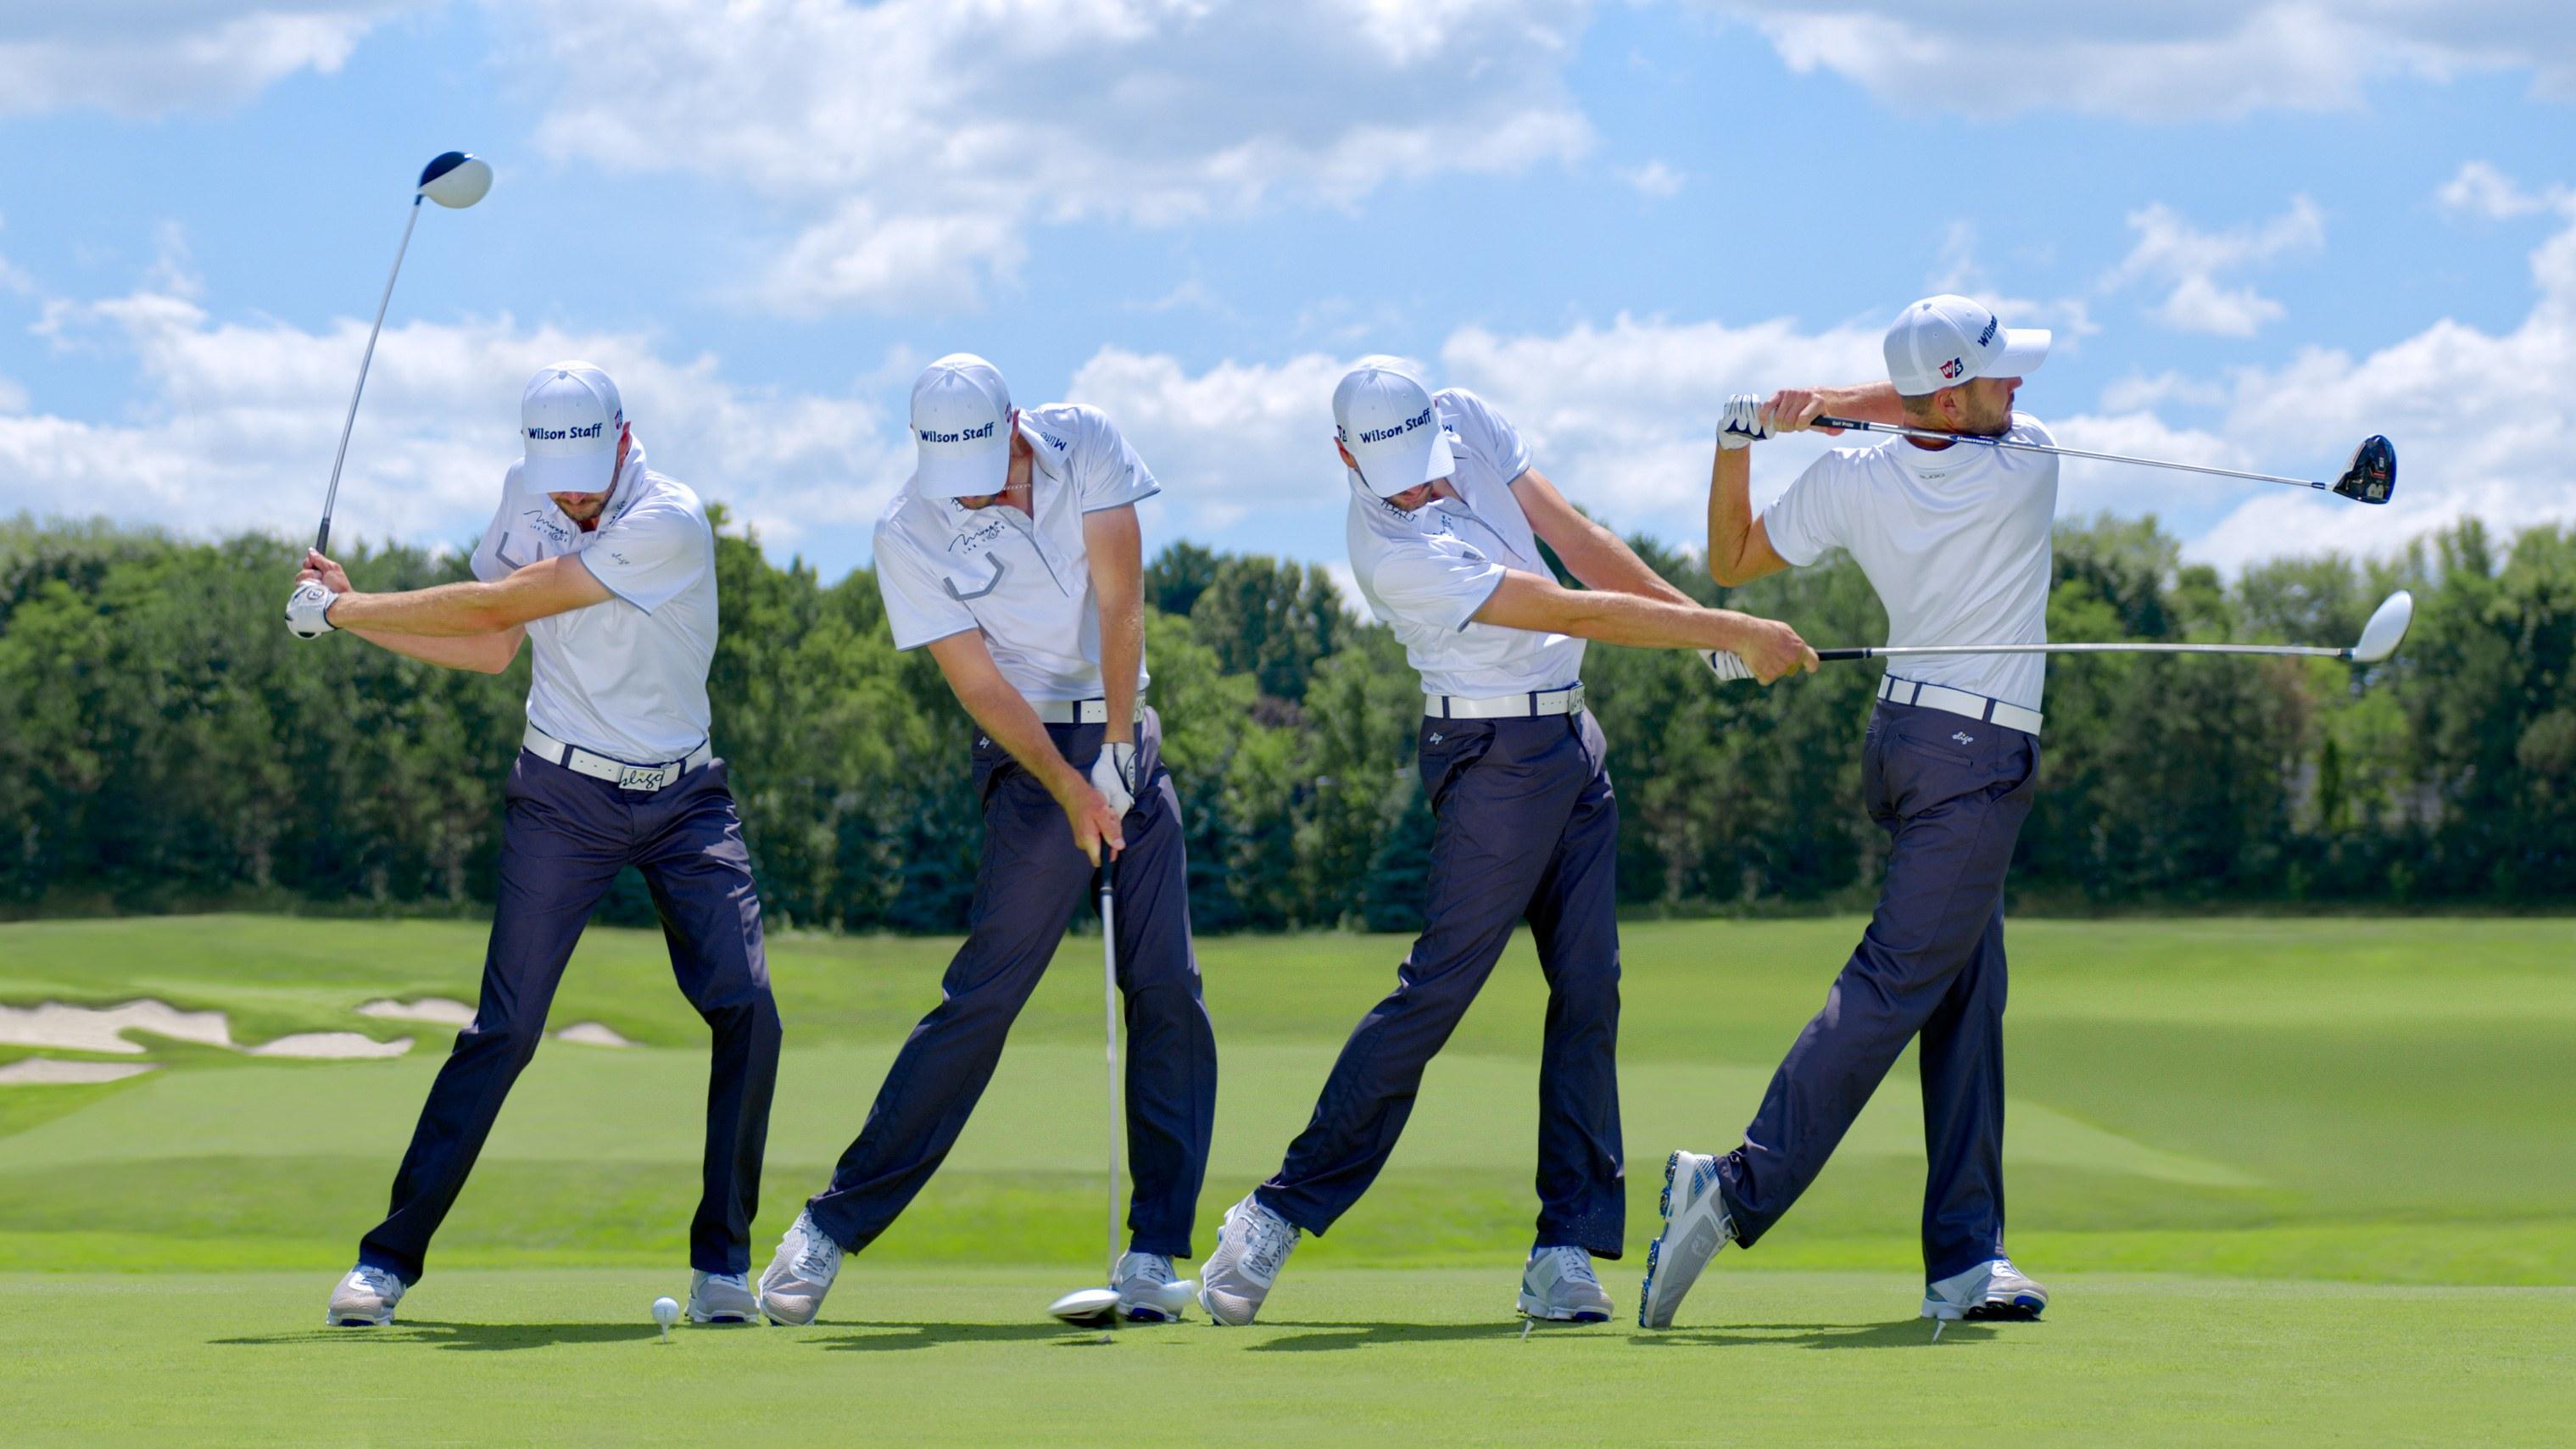 hướng dẫn tập golf